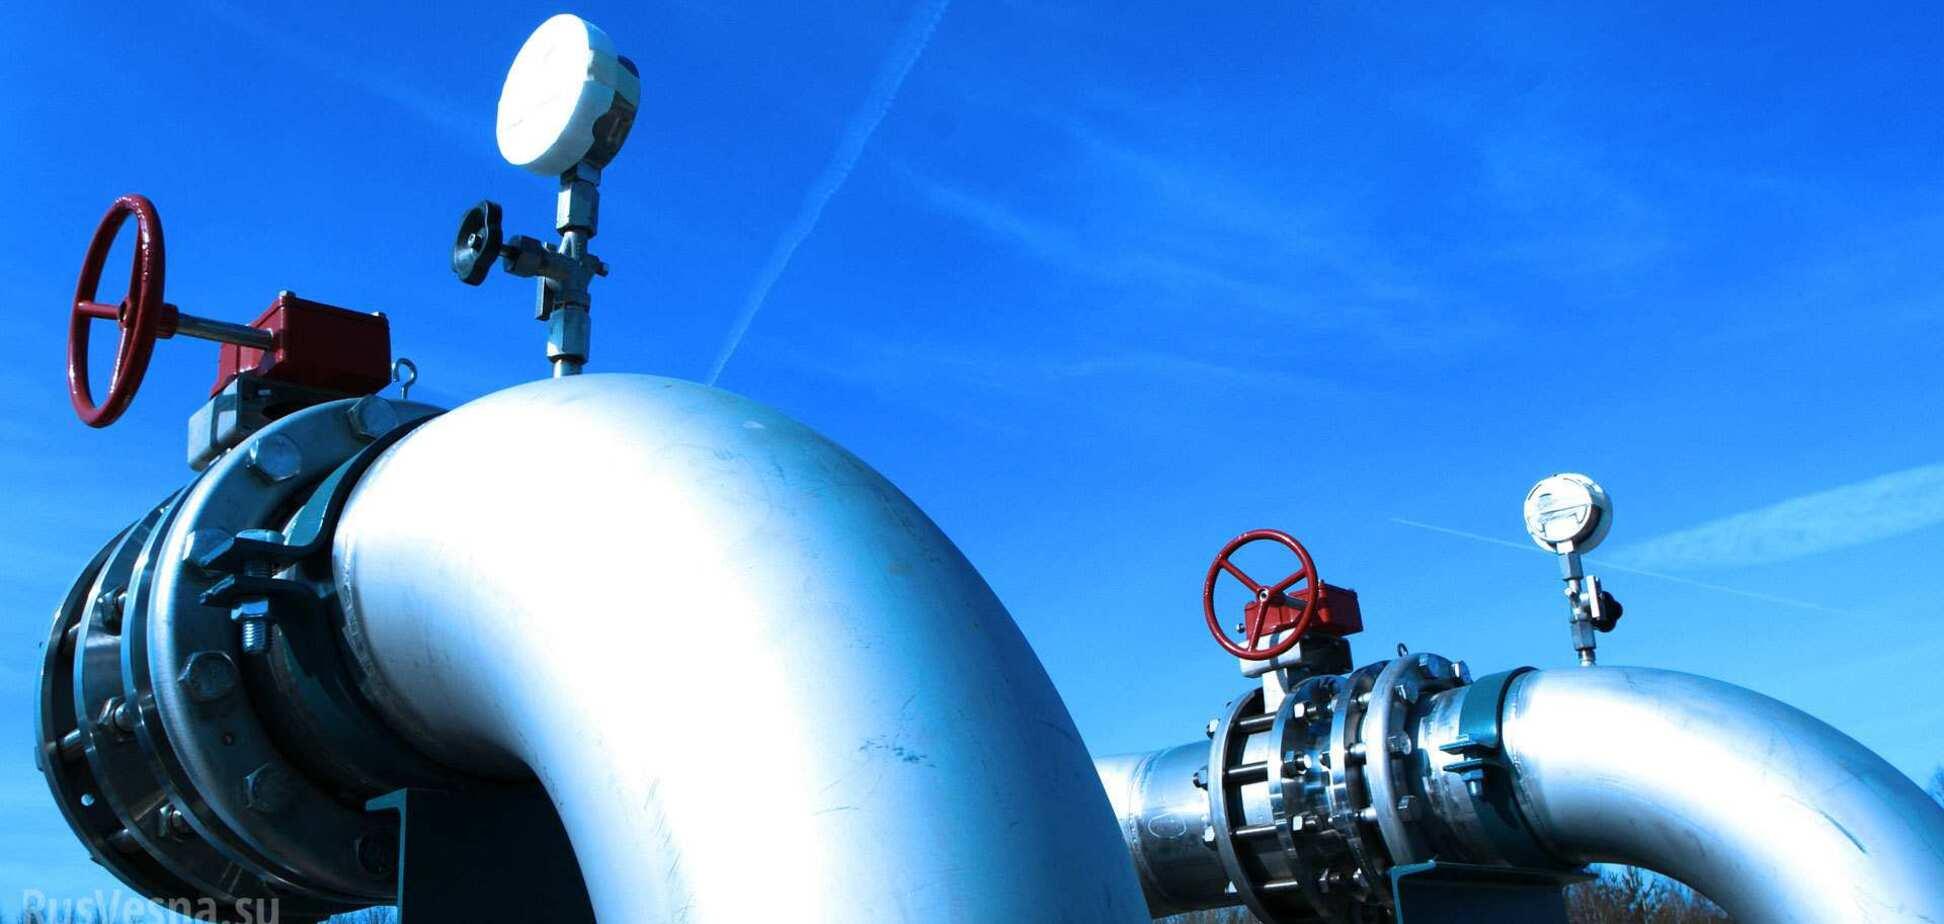 Україна і МВФ почали переговори про нові ціни на газ - Гройсман